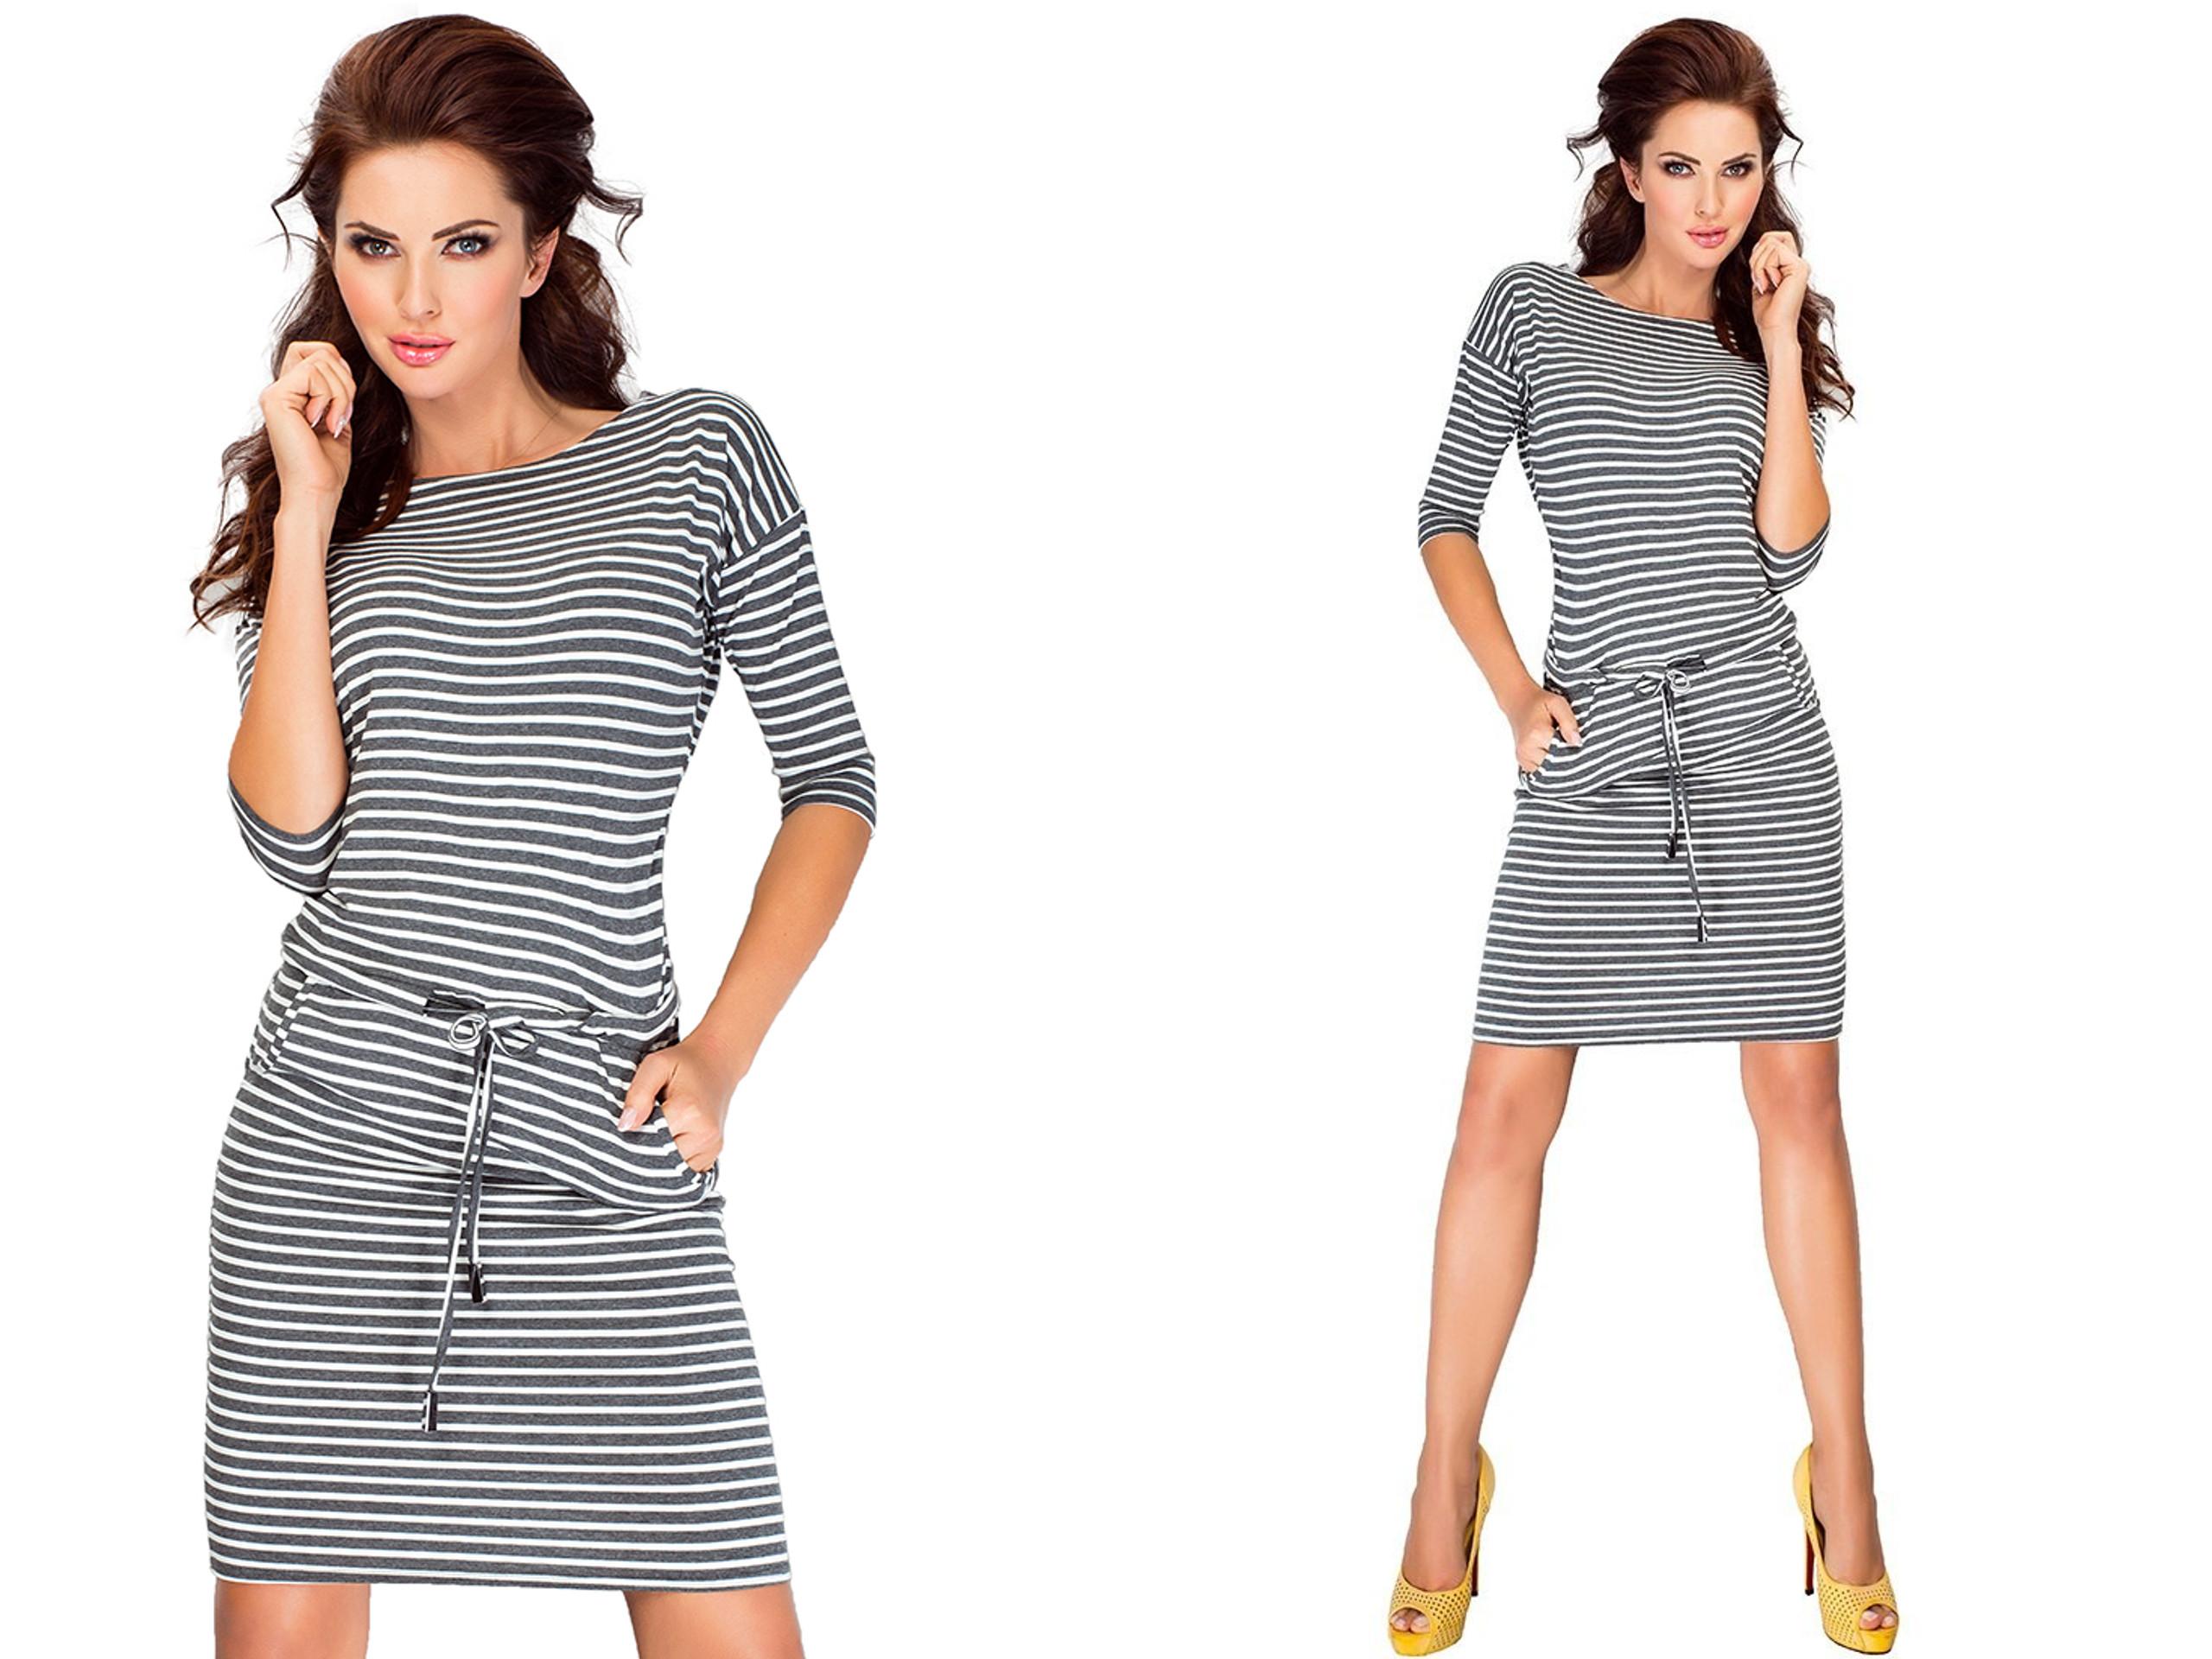 d28613b840 Elegancka Sukienka Wizytowa Biznesowa 13-11 S 36 - 7177863150 ...